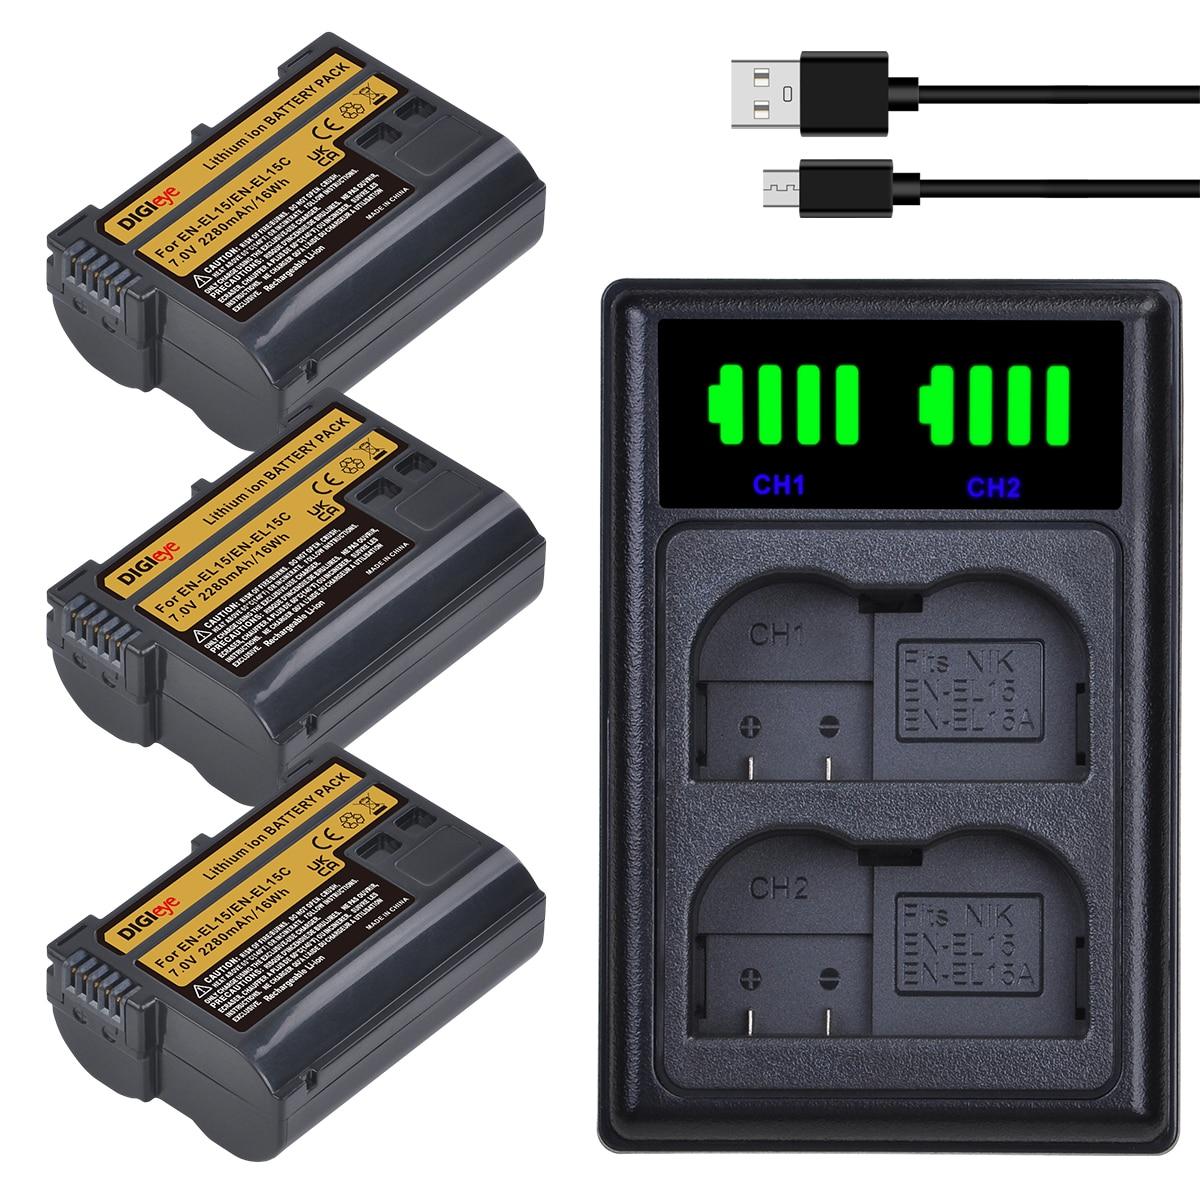 EN-EL15 EN EL15C Batterie + Chargeur pour Nikon D500, D610, D750, D800, D810, D850, D7000, D7100, D7500, Z5, Z6, Z6II, Z7, Z7II